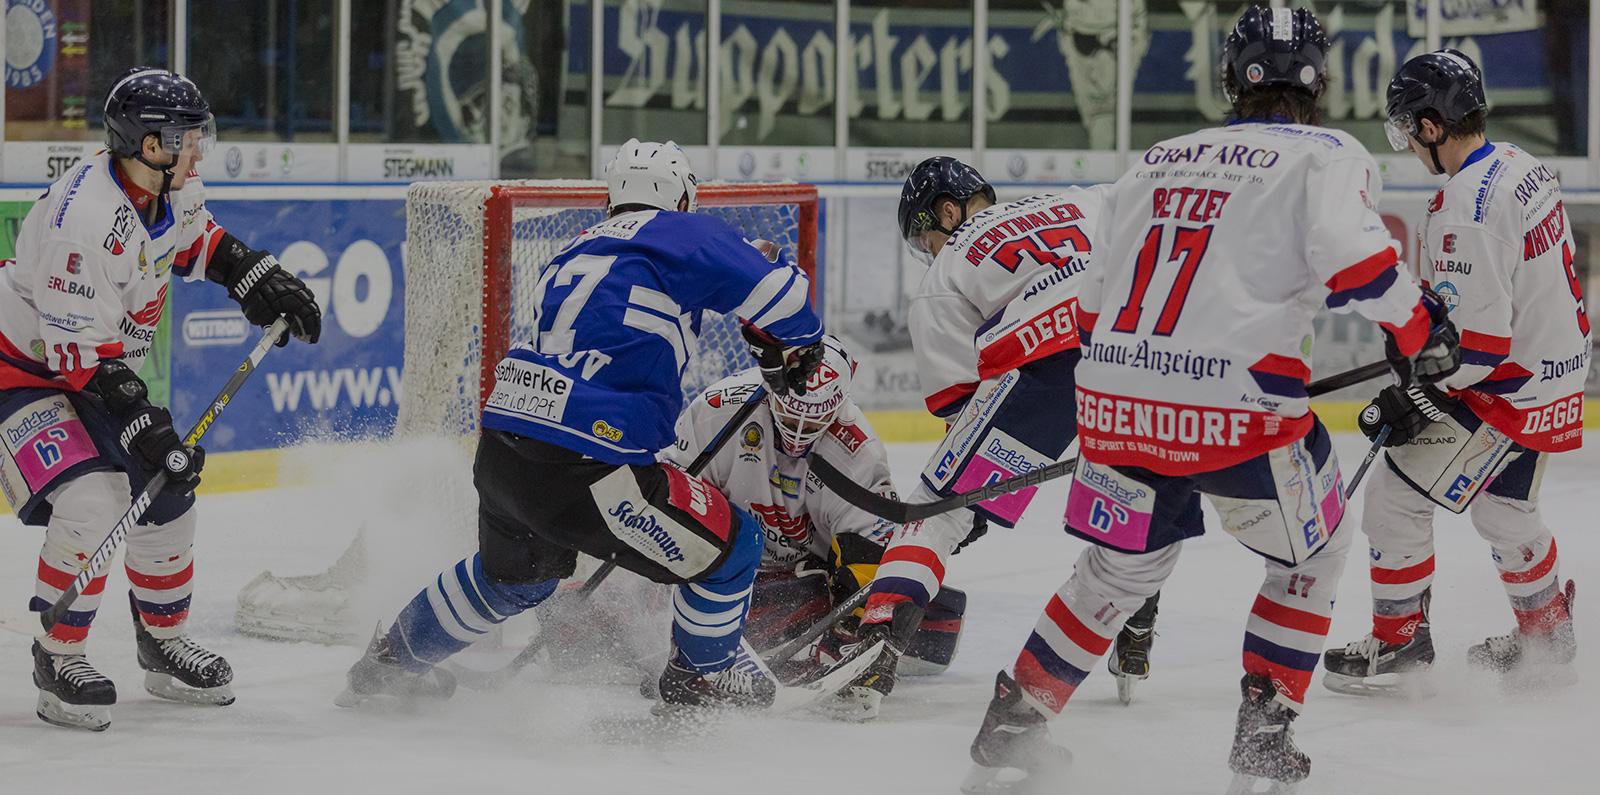 Eishockeyspiel 1. EV Weiden 1985 Blue Devils | Kondrauer Mineral- und Heilbrunnen